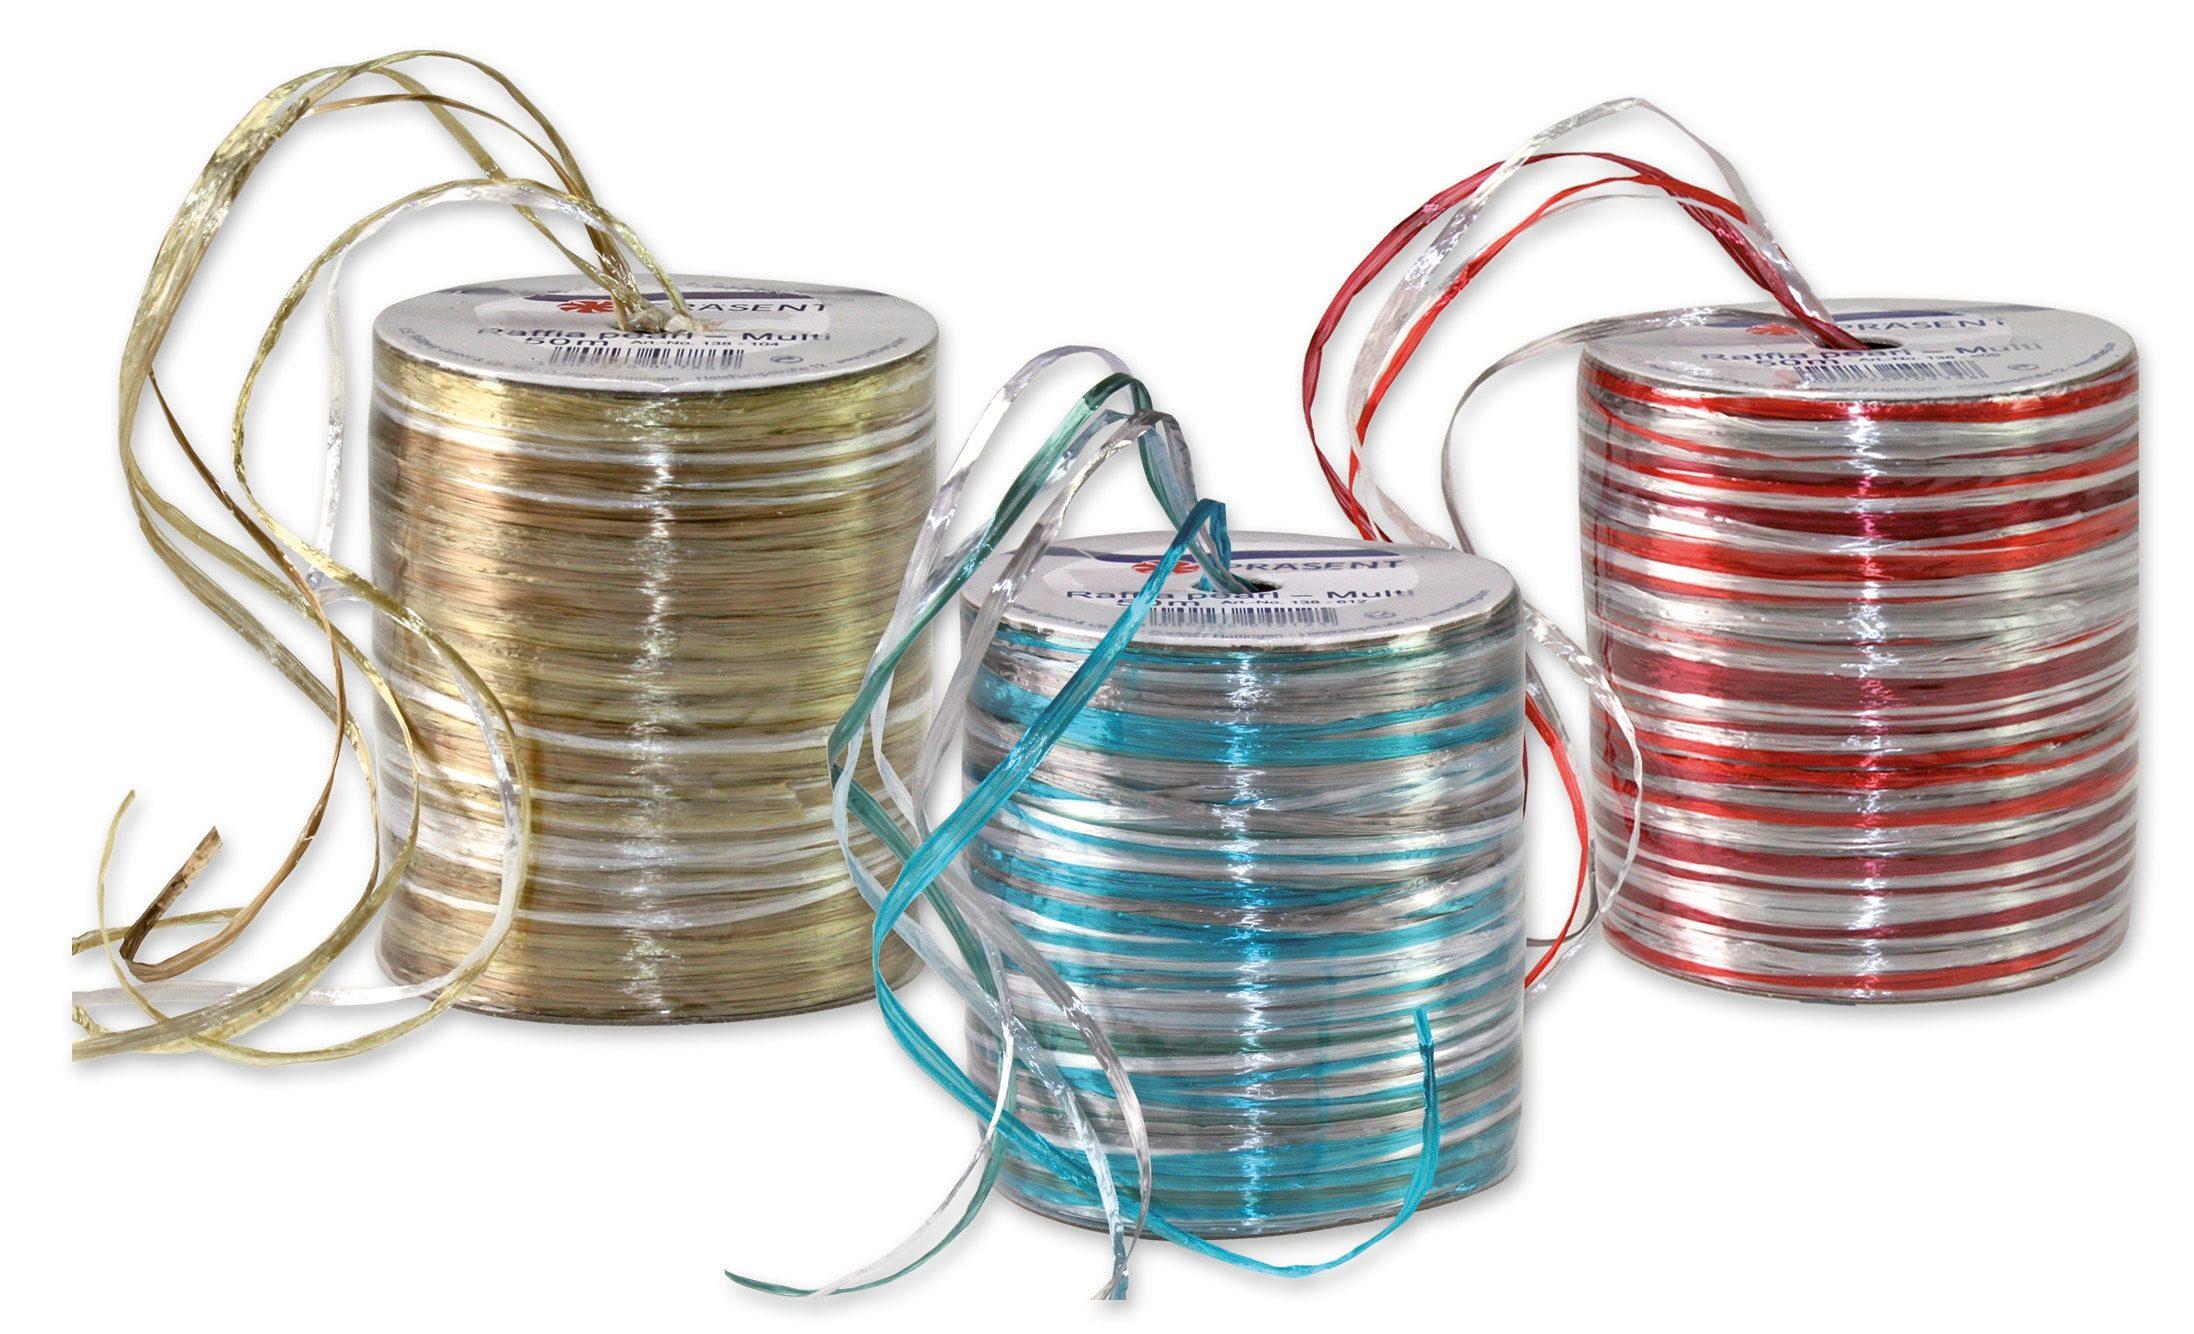 Präsent Geschenkbänder Raffia-Pearl Multicolour, 3 Spulen im Set, 150 m